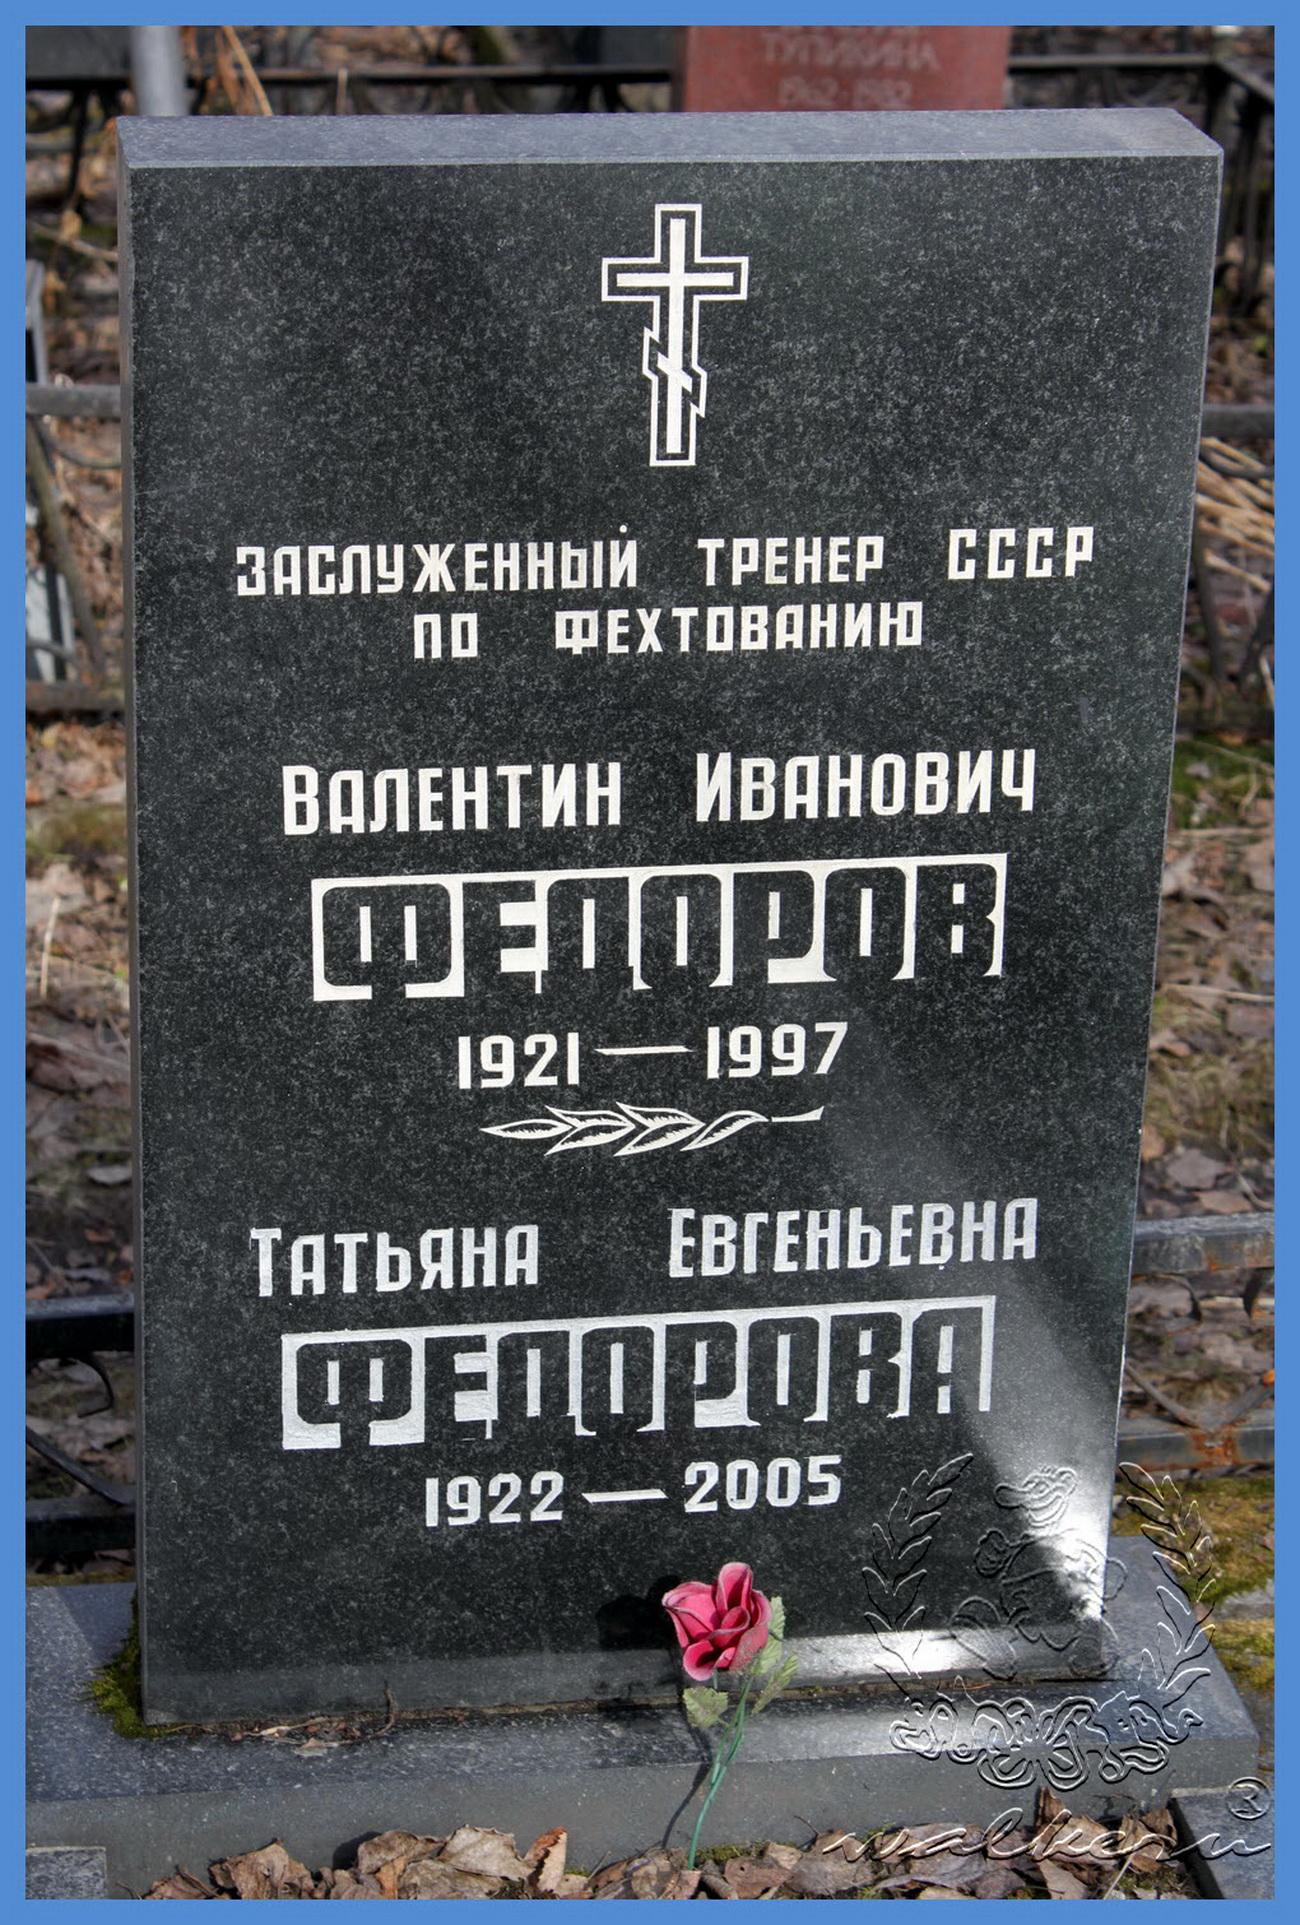 Фёдоров Валентин Иванович